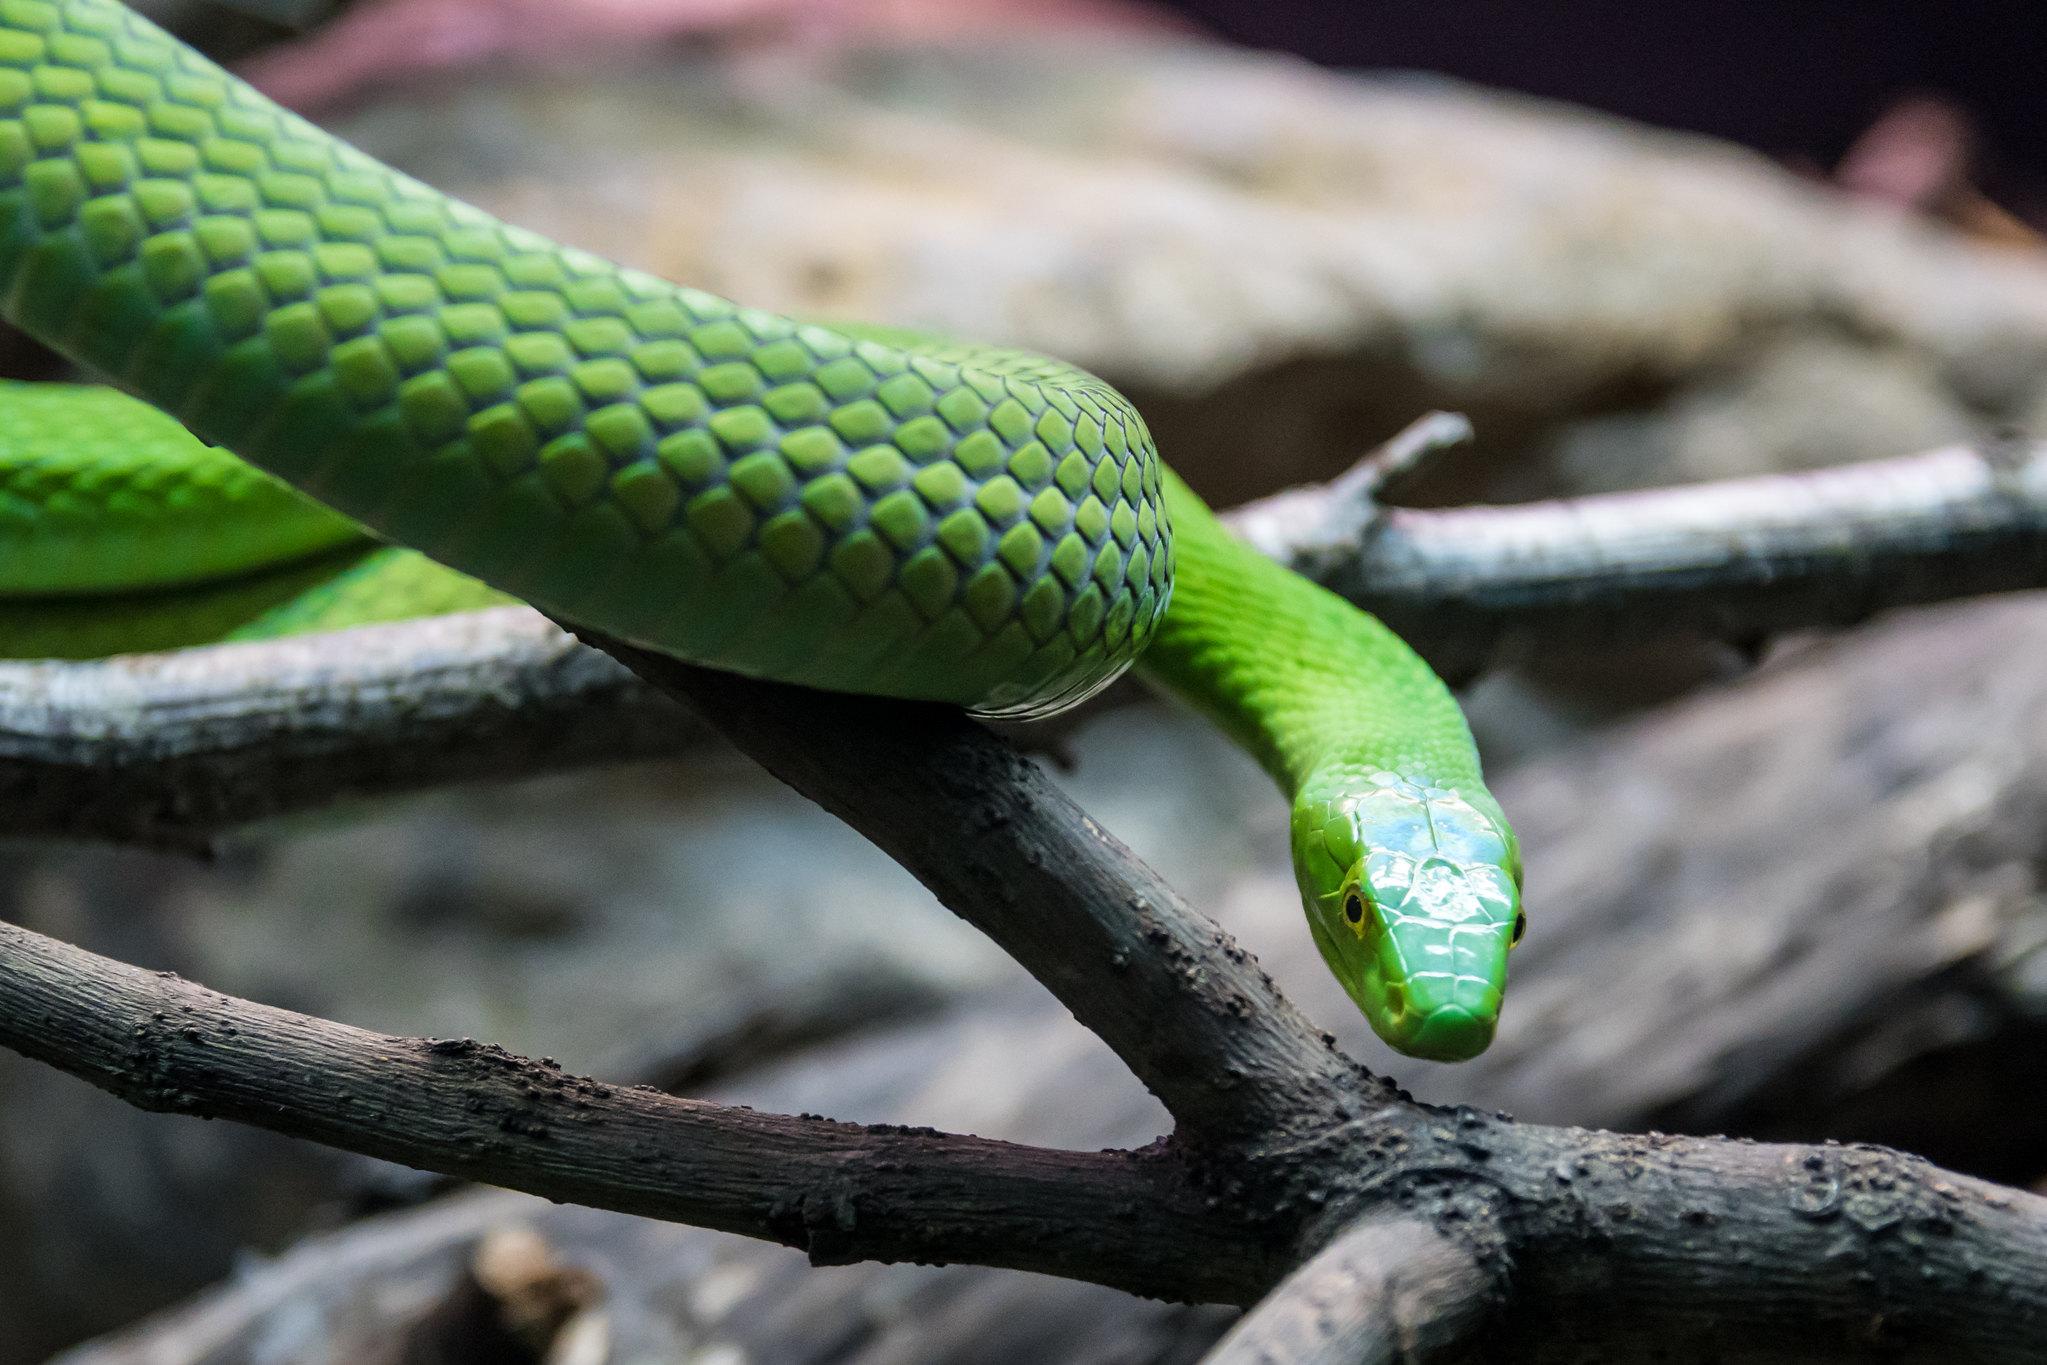 Las serpientes se han convertido en mascotas muy buscadas